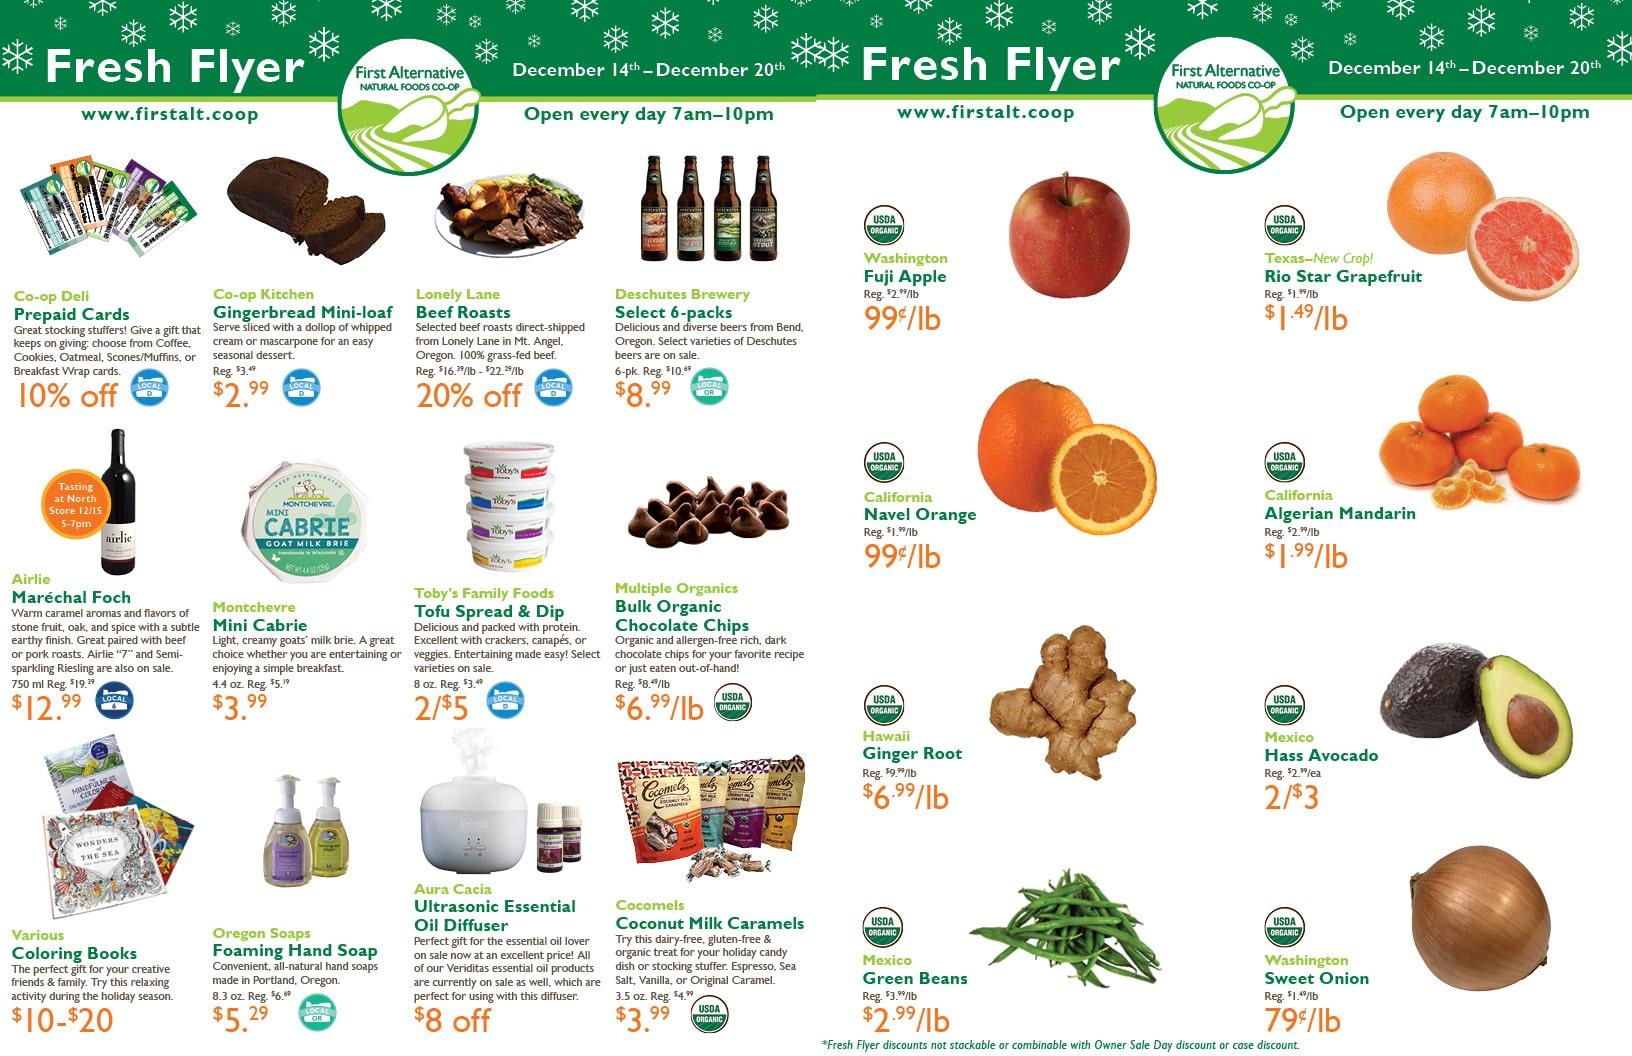 First Alternative Co-op Fresh Flyer Dec. 14-20